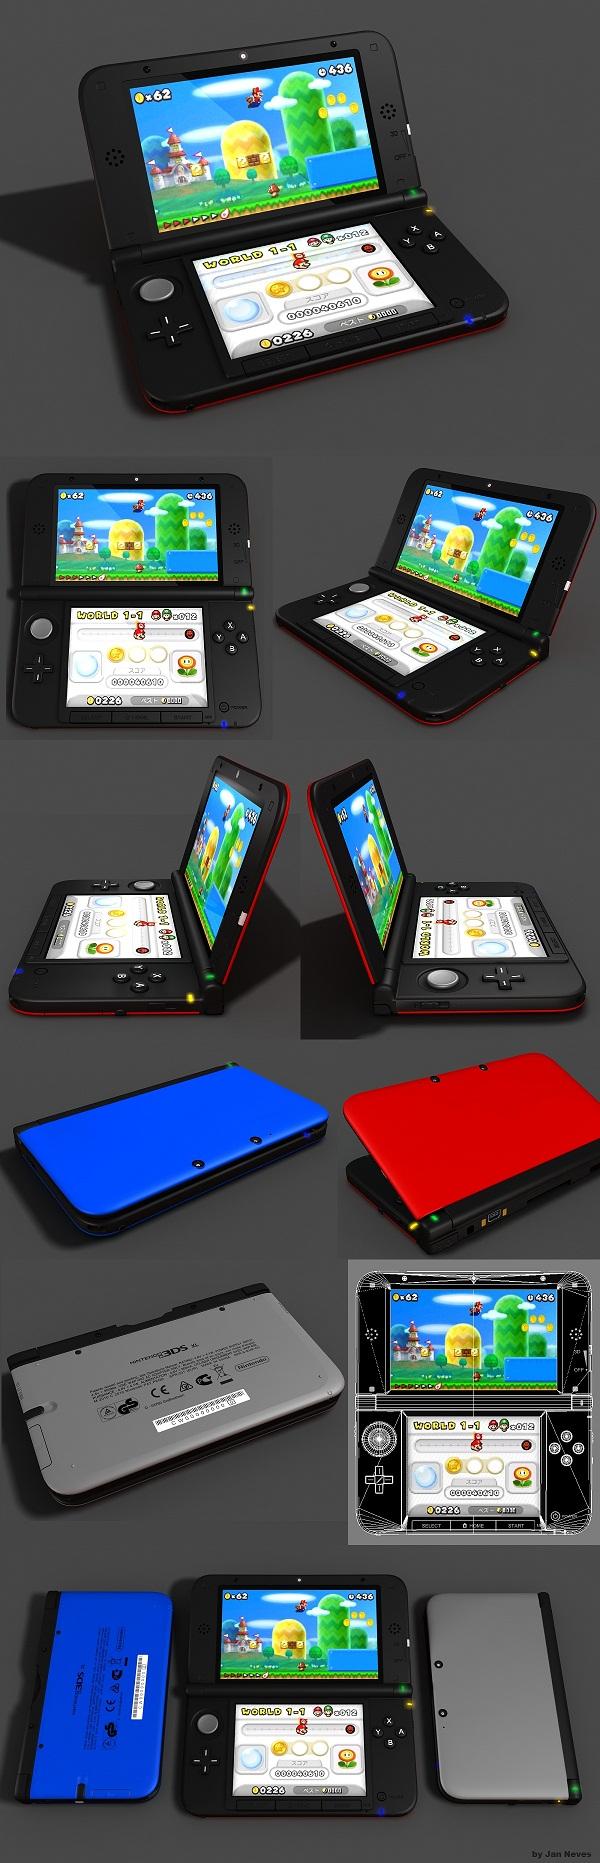 Nintendo 3DS 3D model by Jan